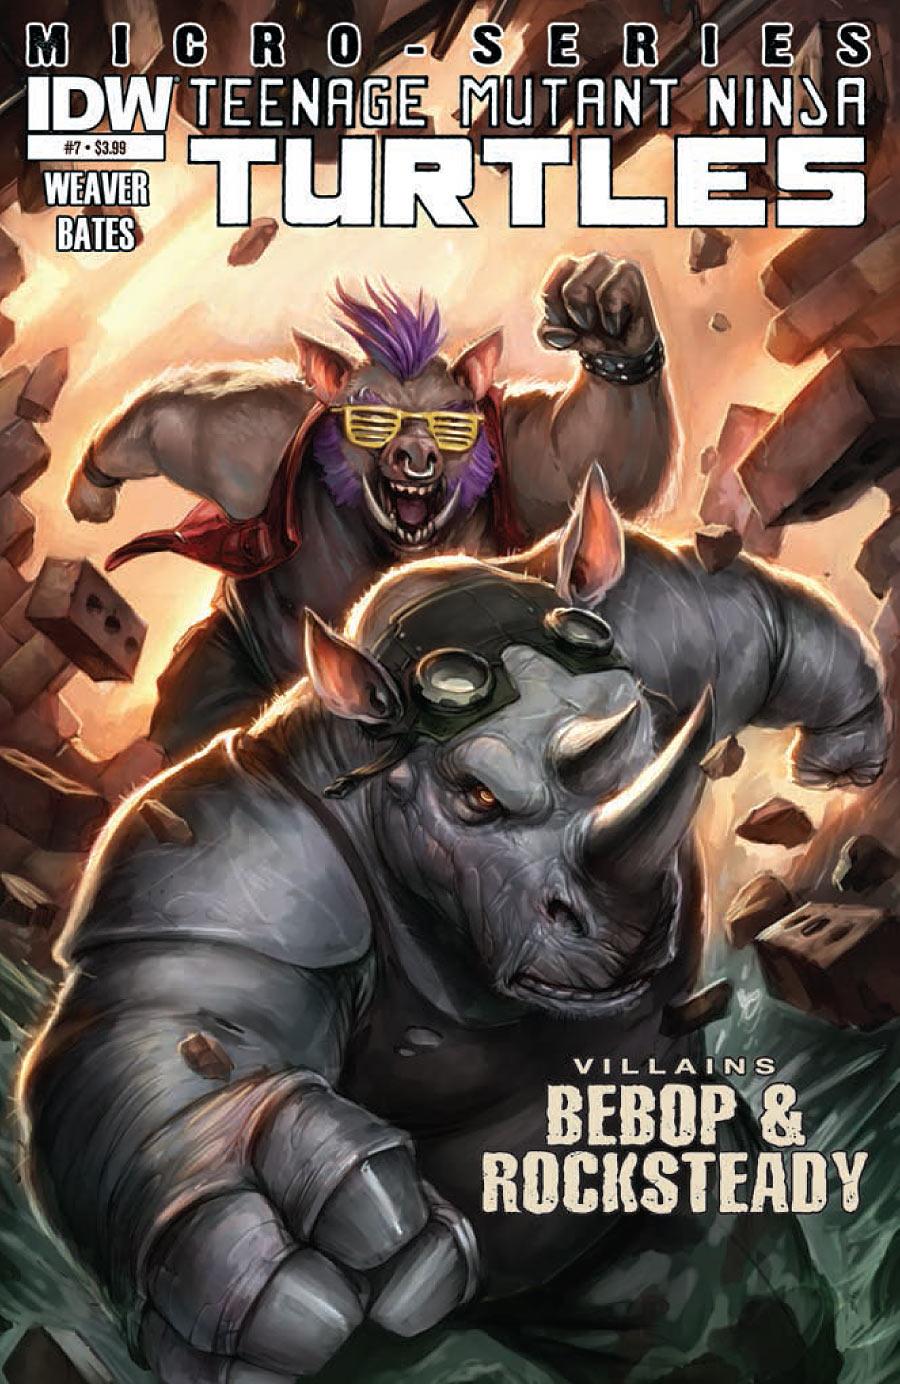 Teenage Mutant Ninja Turtles: Villains Micro-Series #7